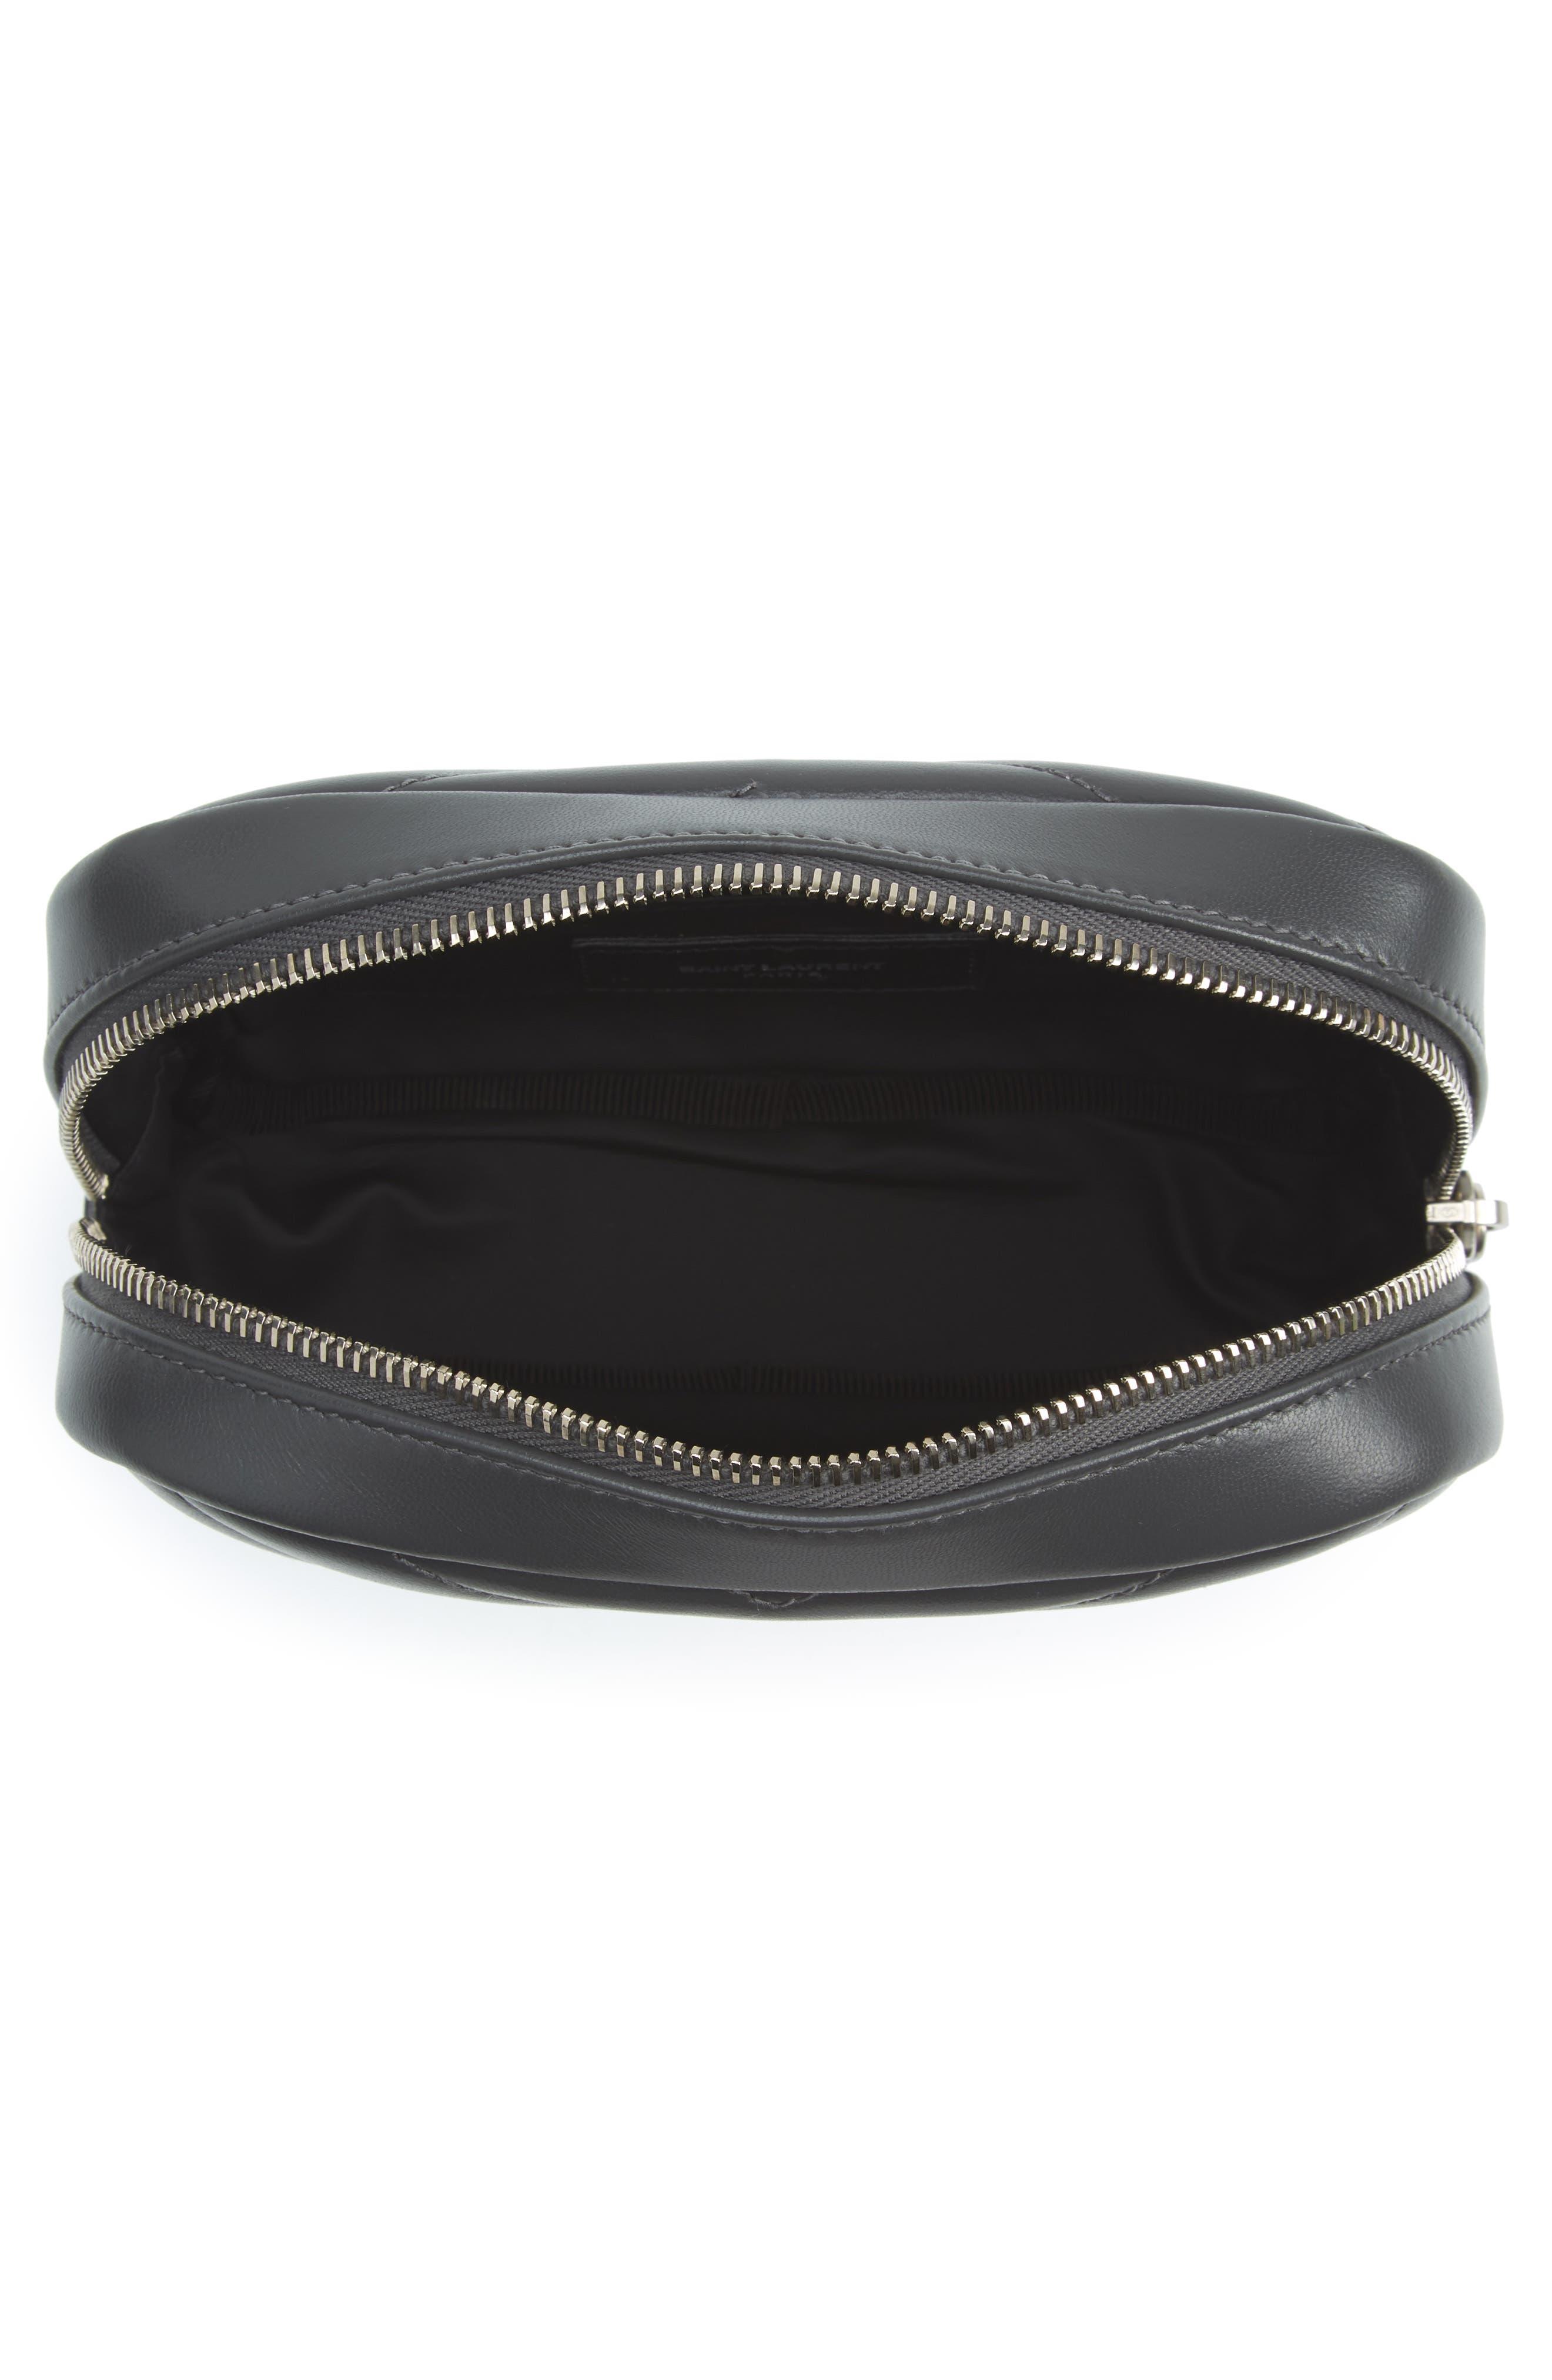 Loulou Matelassé Leather Cosmetics Bag,                             Alternate thumbnail 5, color,                             Storm